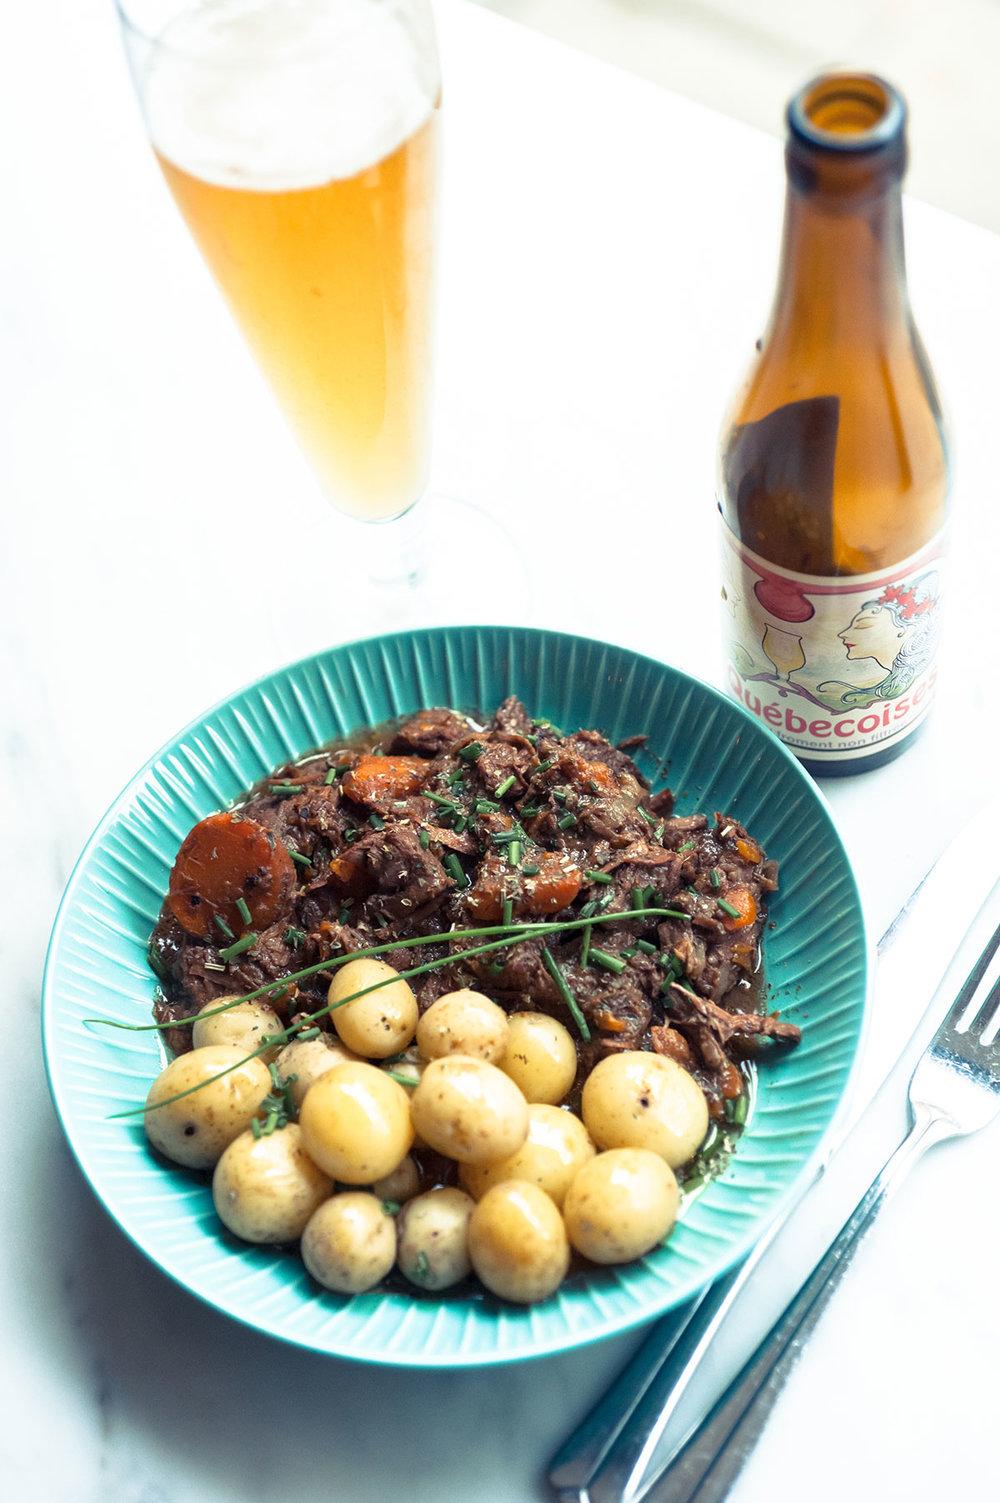 Boeuf Bourguignon med en öl. För allt passar till Boeuf Bourguignon.